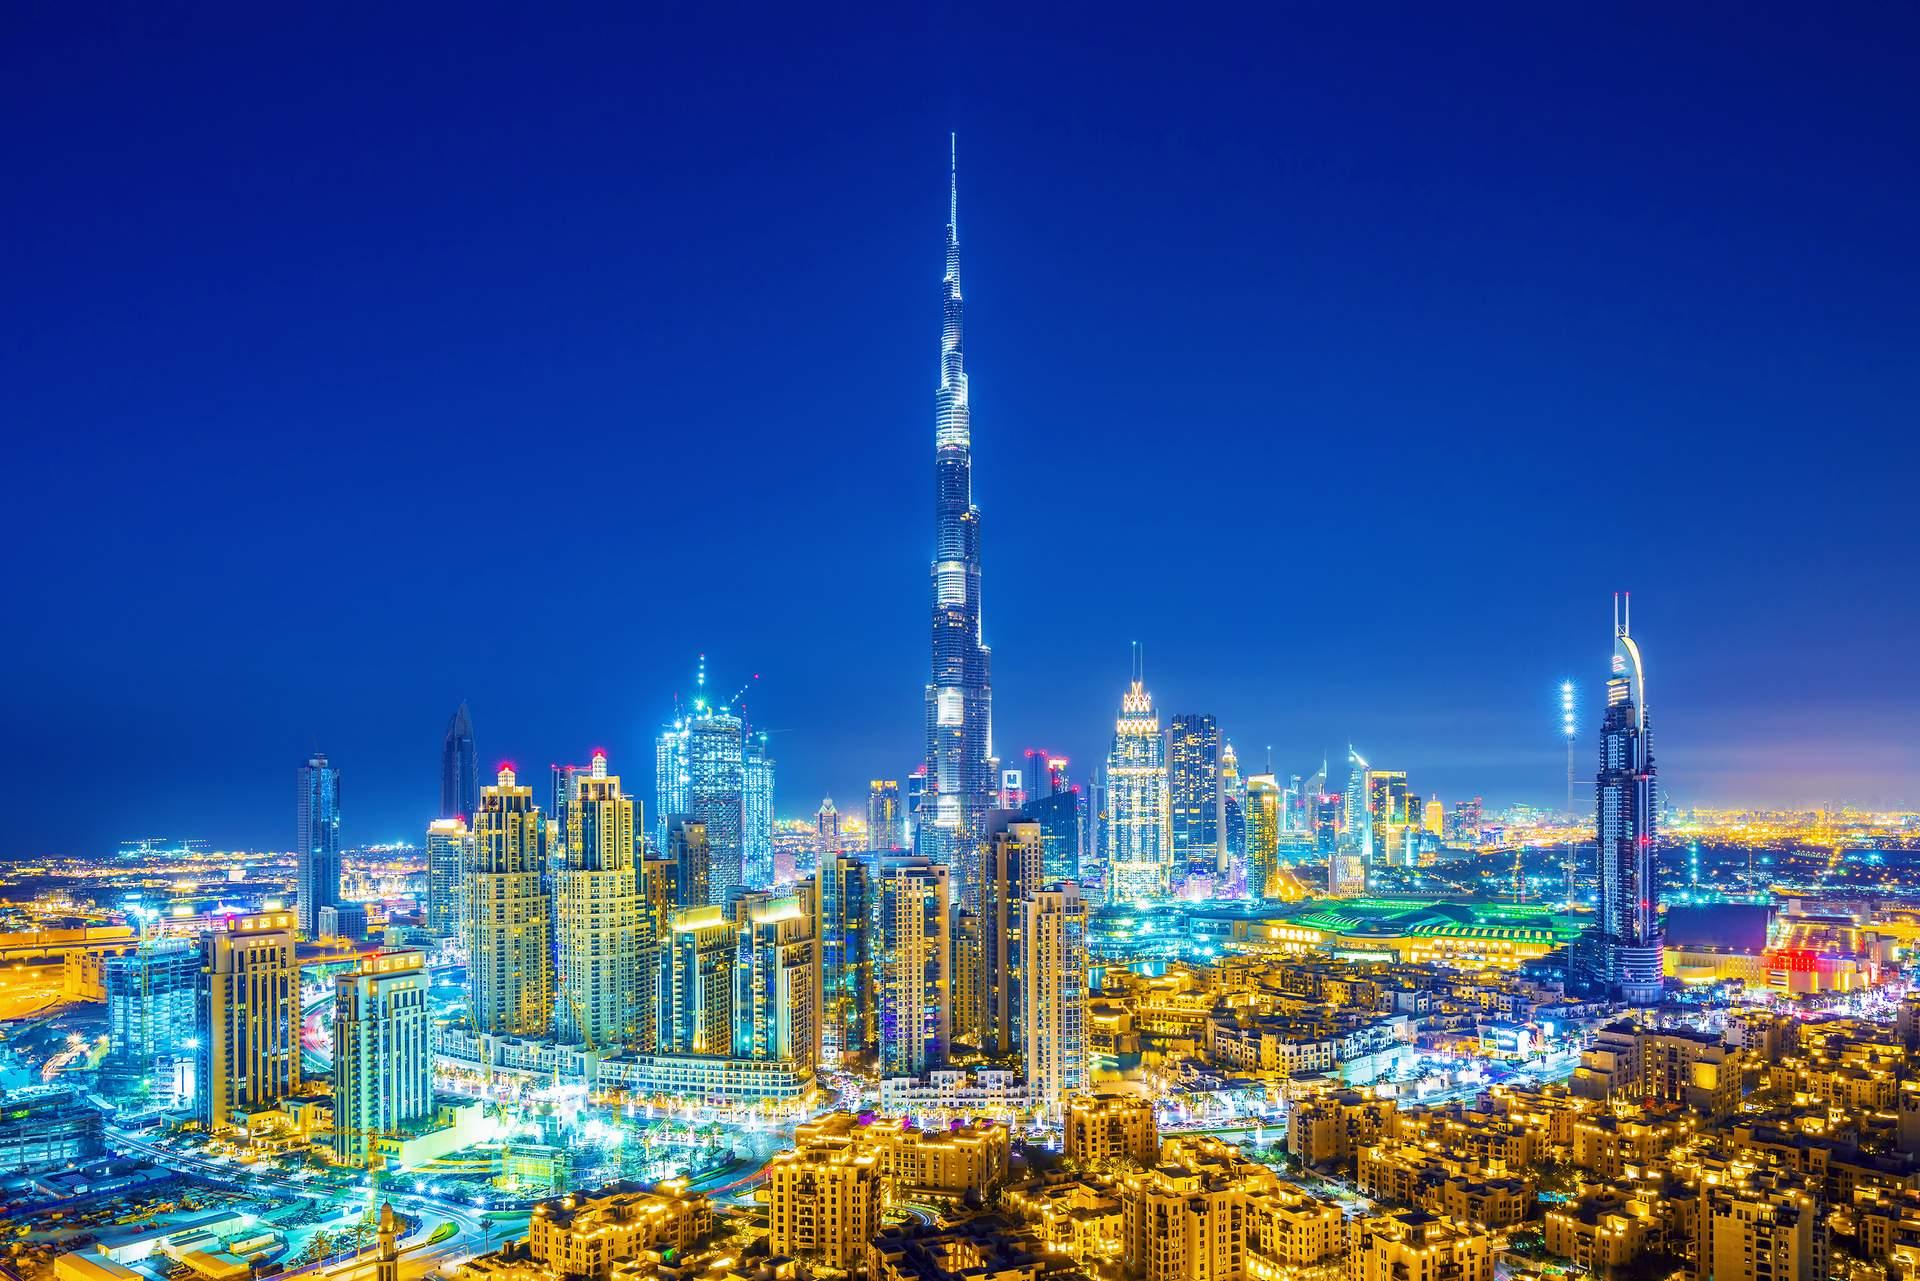 Dubai: Die Skyline von Dubai mit dem Burj Khalifa  ©Rastislav Sedlak SK - stock.adobe.com, GLOBALIS